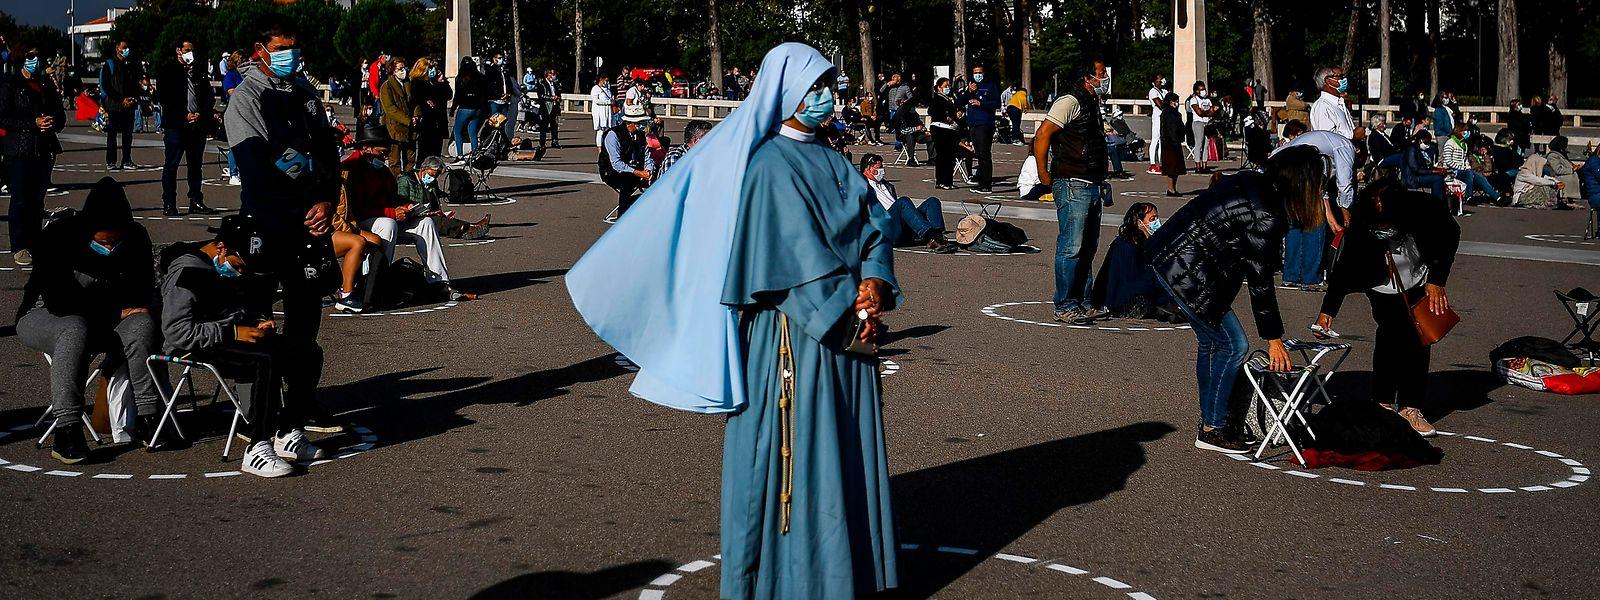 Comme ici à Fatima, la population portugaise se montre très zélée à respecter les consignes sanitaires, notamment la distanciation sociale